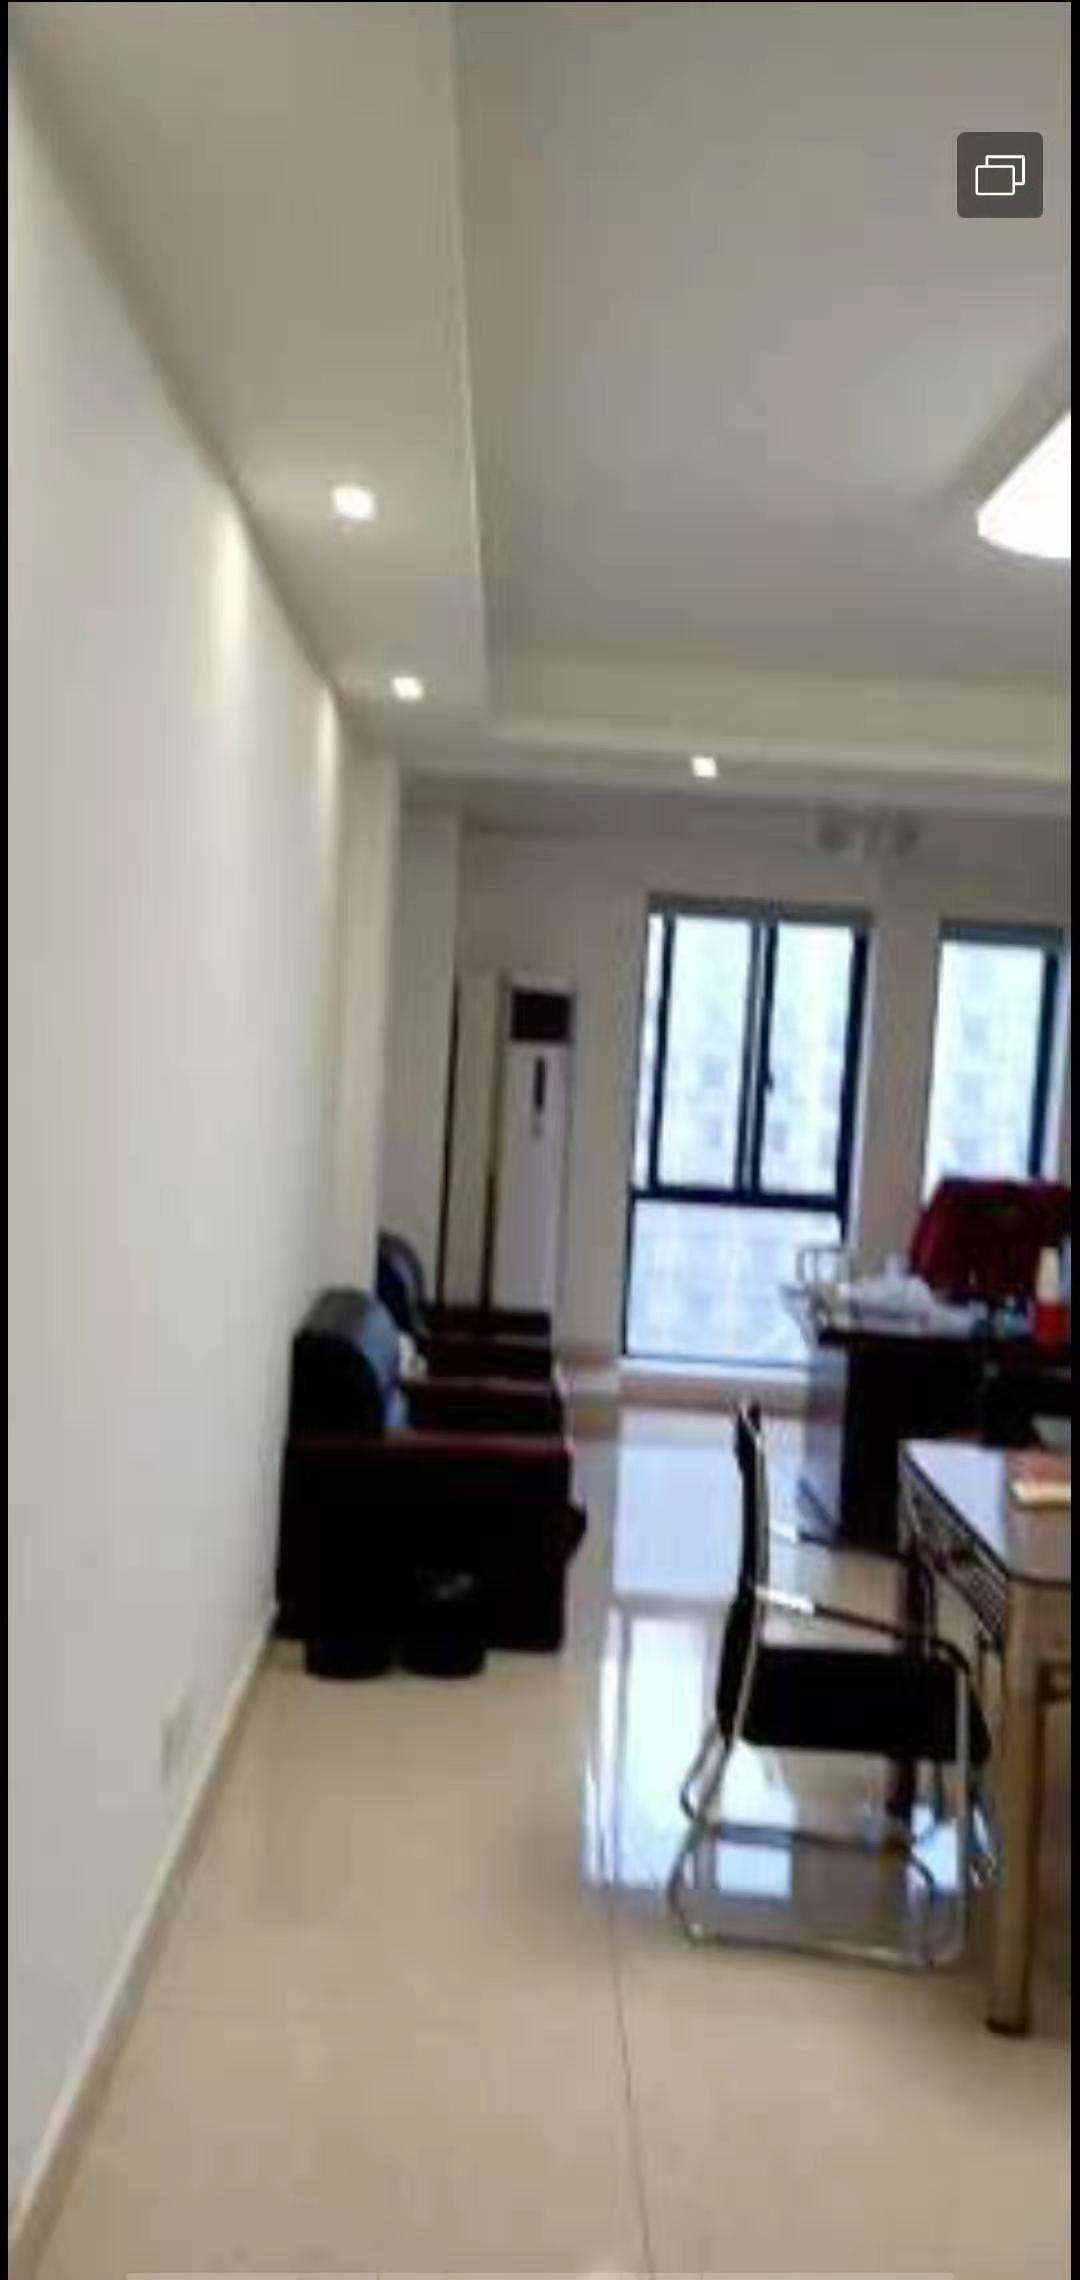 A02171出租世贸金樽单身公寓A幢11楼,47个平方,朝南,做办公室的!!!精装修,1700一个月的实拍照片